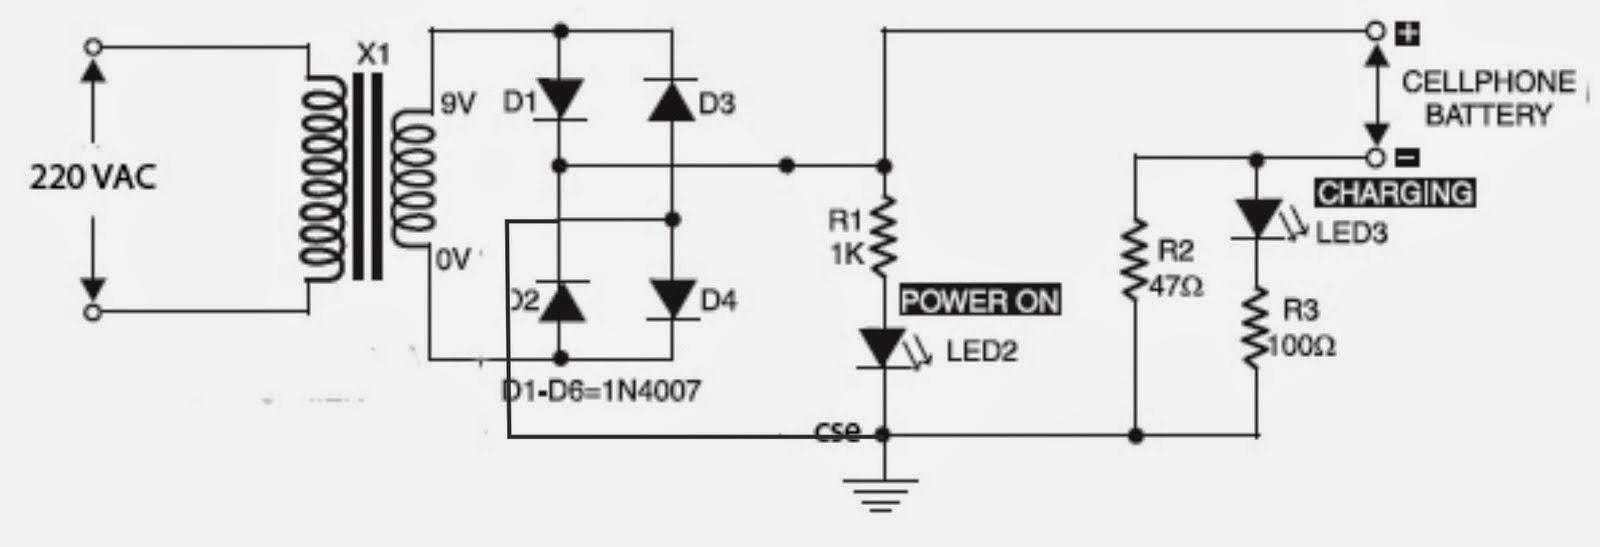 mobile phones circuit diagram free 2020